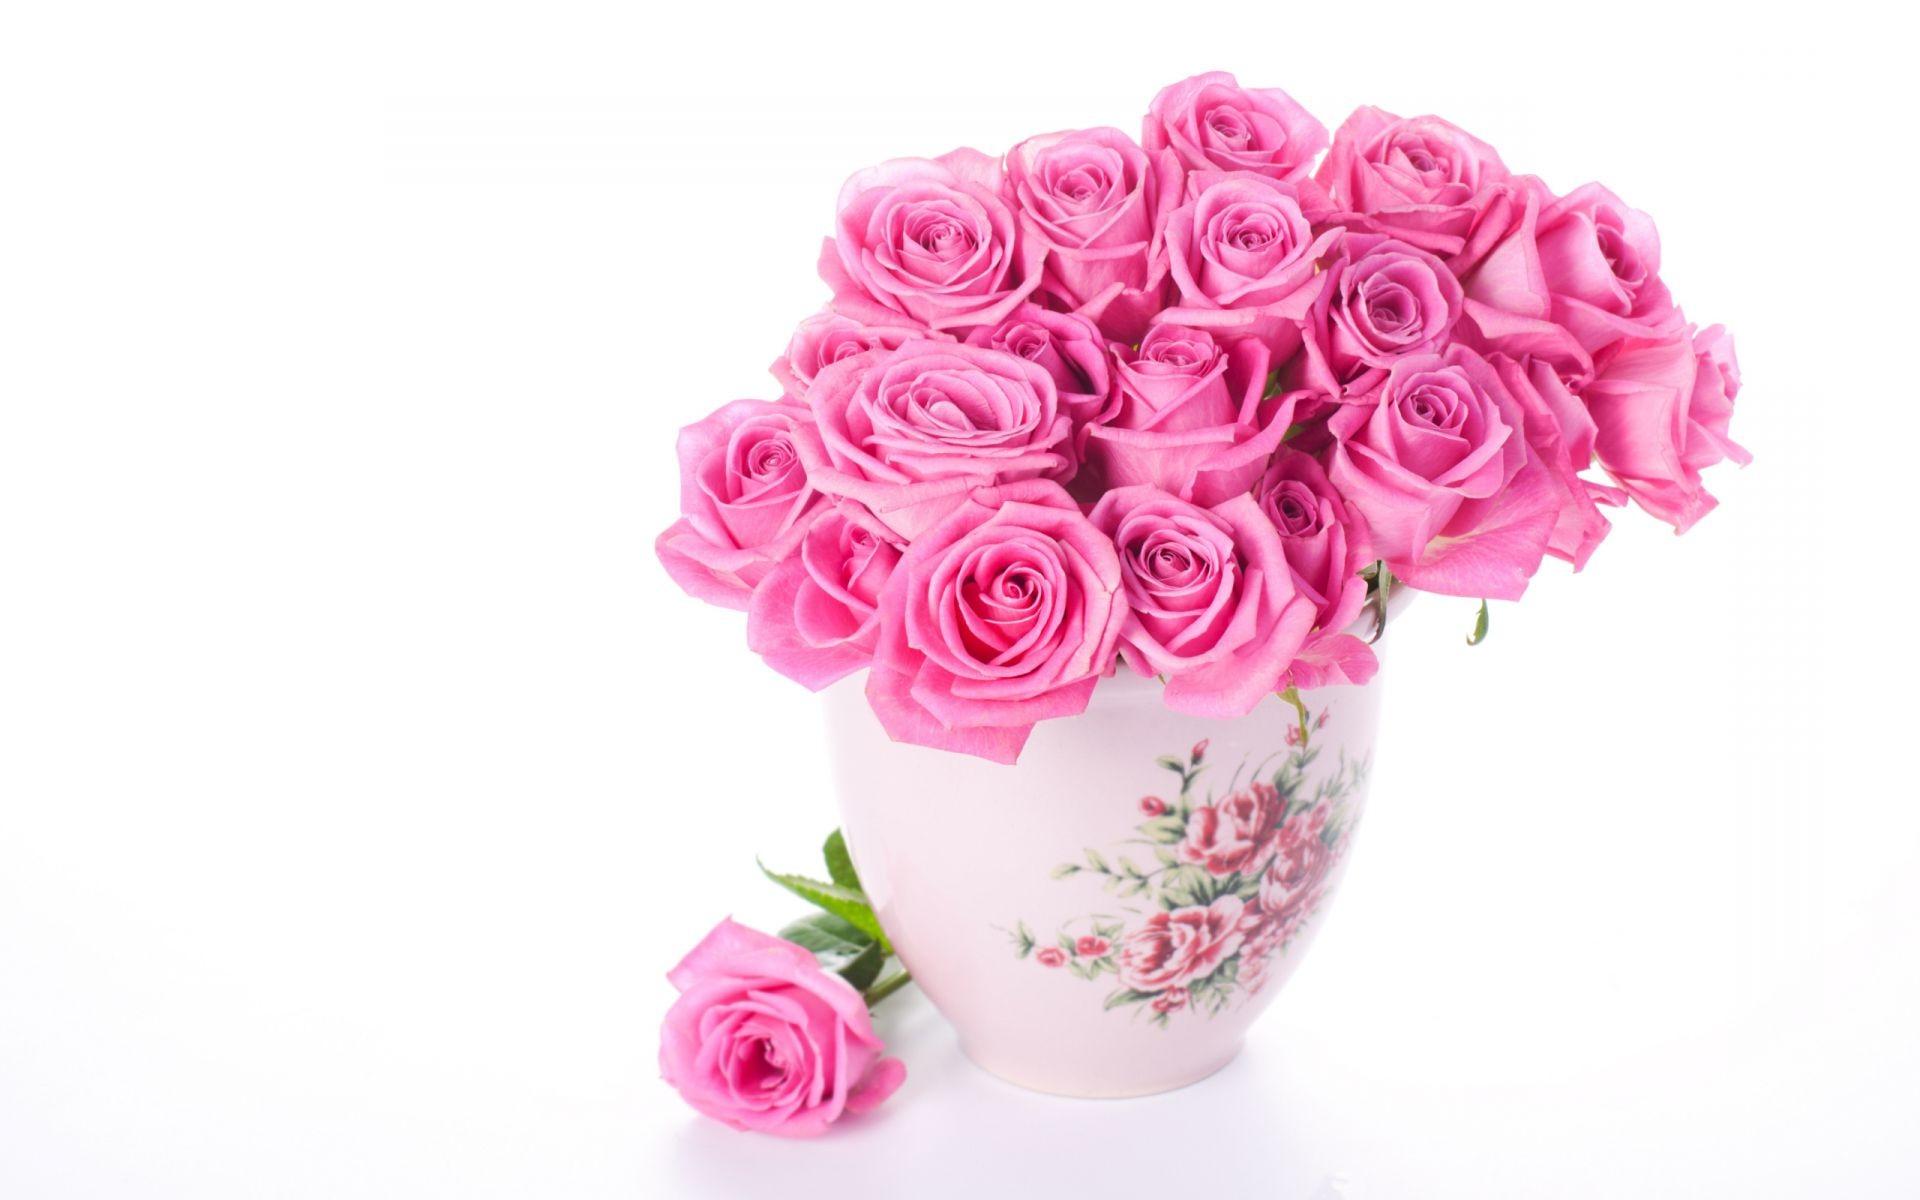 розы цветы ваза  № 1332656 бесплатно